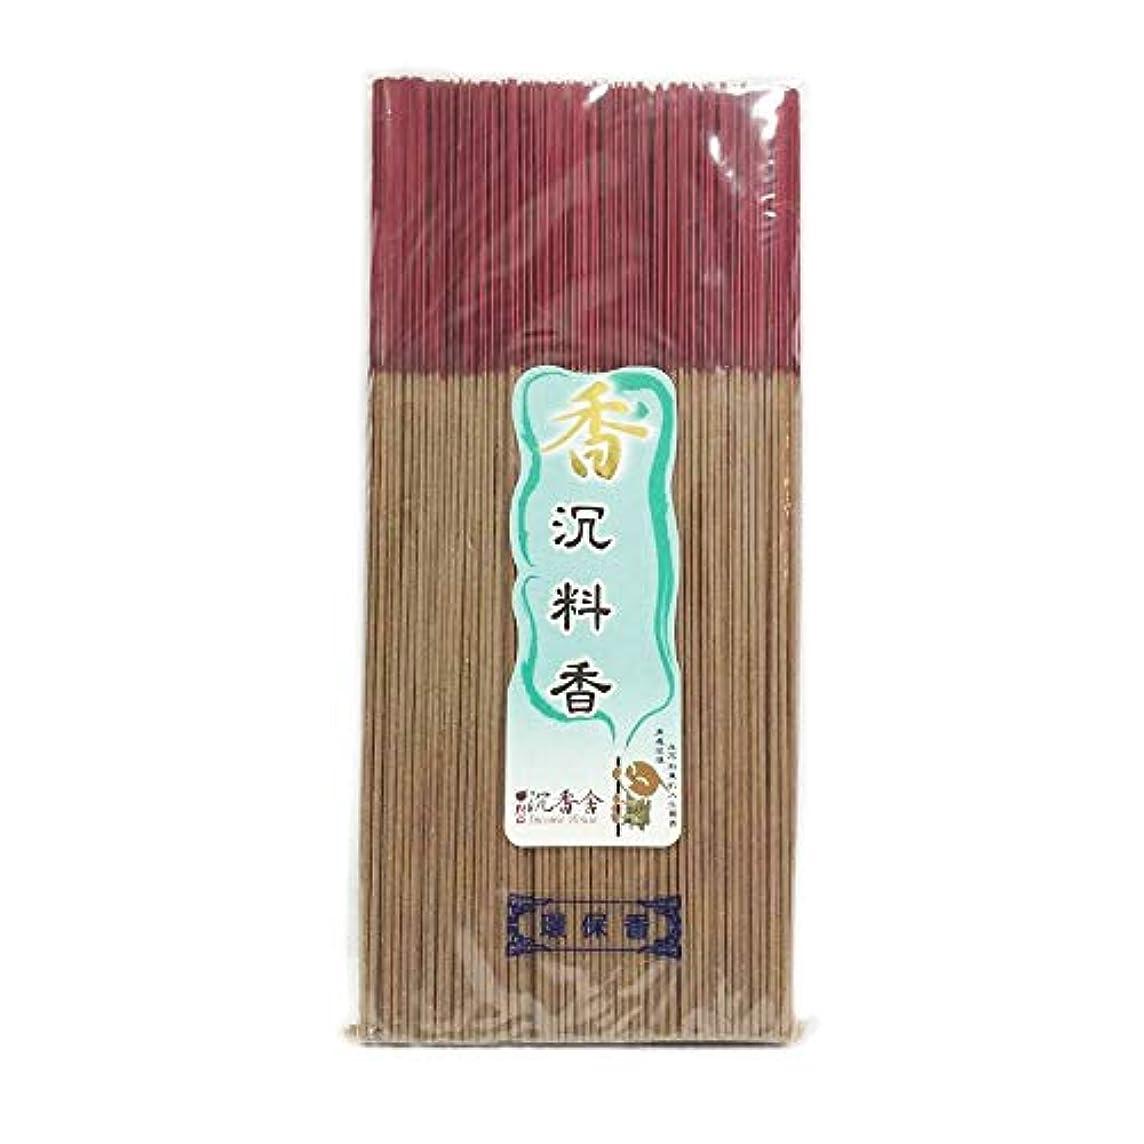 年金考慮専門知識伝統的 中国風 薬味 ジョス お香スティック 300g 台湾 お香 家 宗教的 仏陀用 約400本 30cm